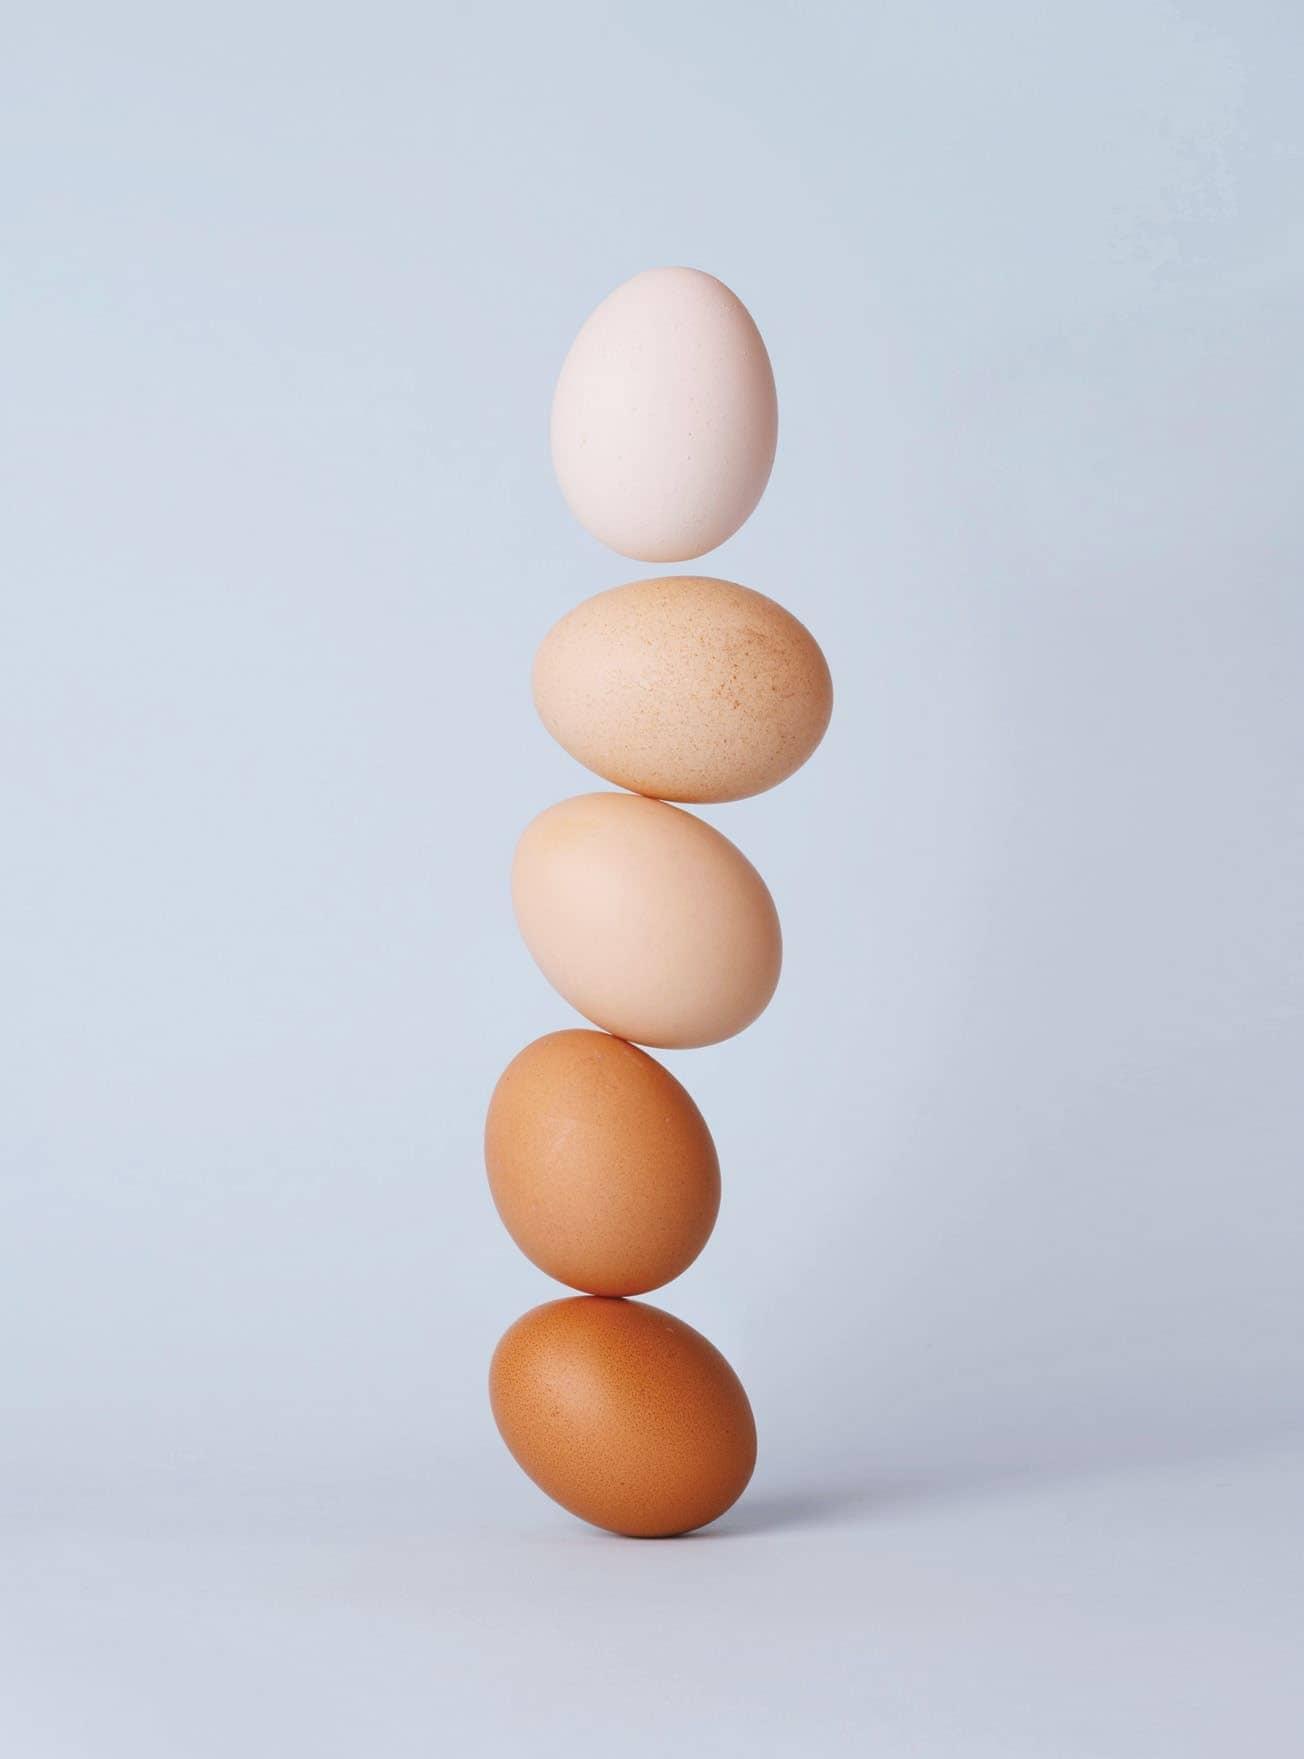 A Good Egg